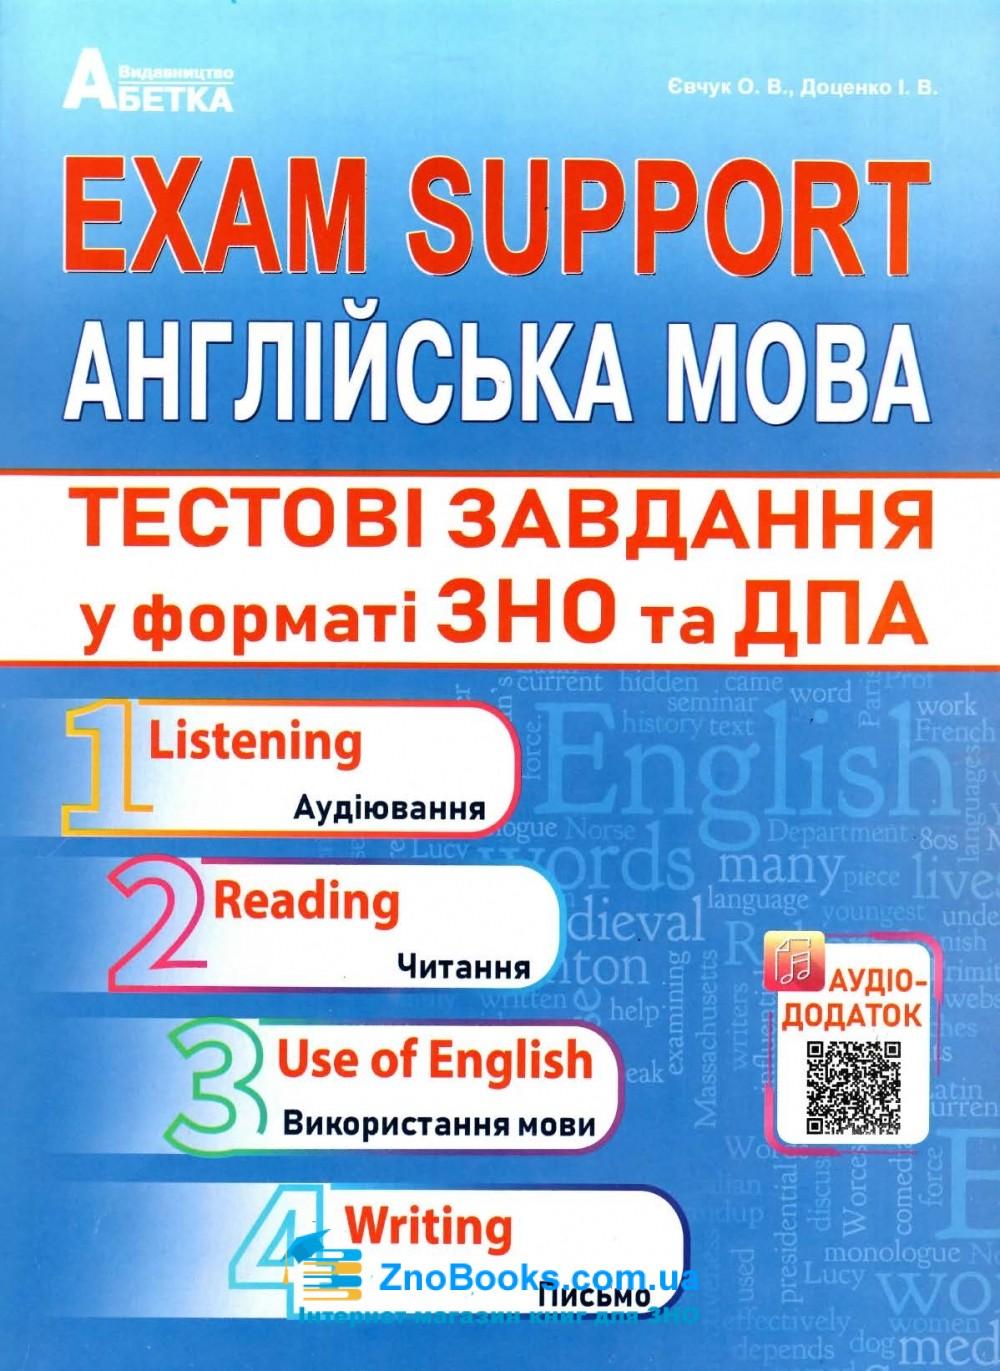 Англійська мова (Exam Support). Тестові завдання у форматі ЗНО та ДПА 2022. Доценко І., Євчук О. 0